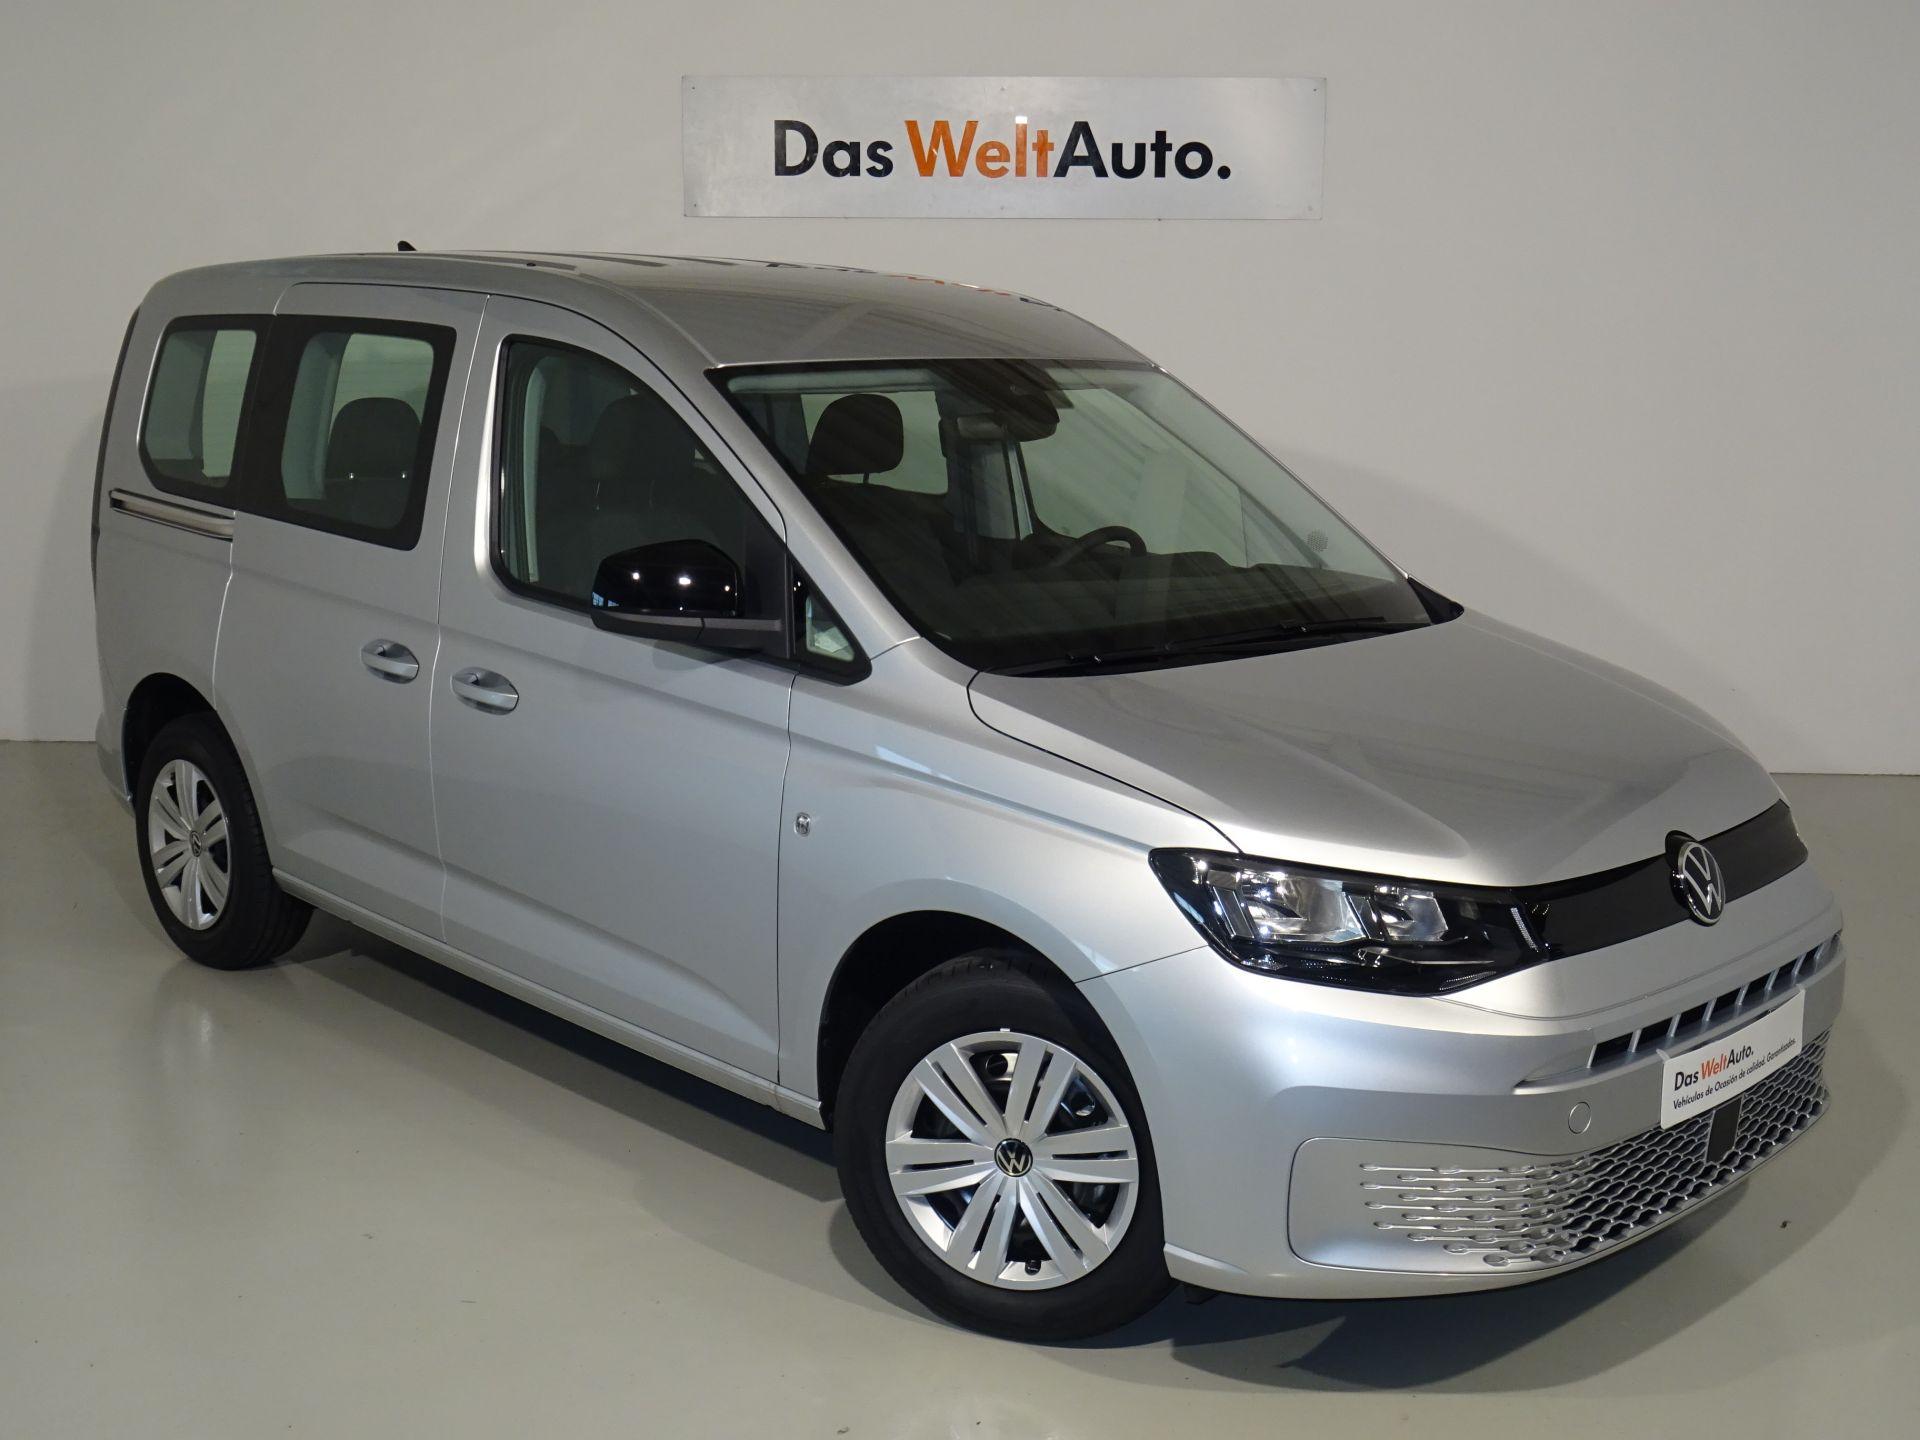 Volkswagen Caddy Origin 2.0 TDI 75kW (102CV)